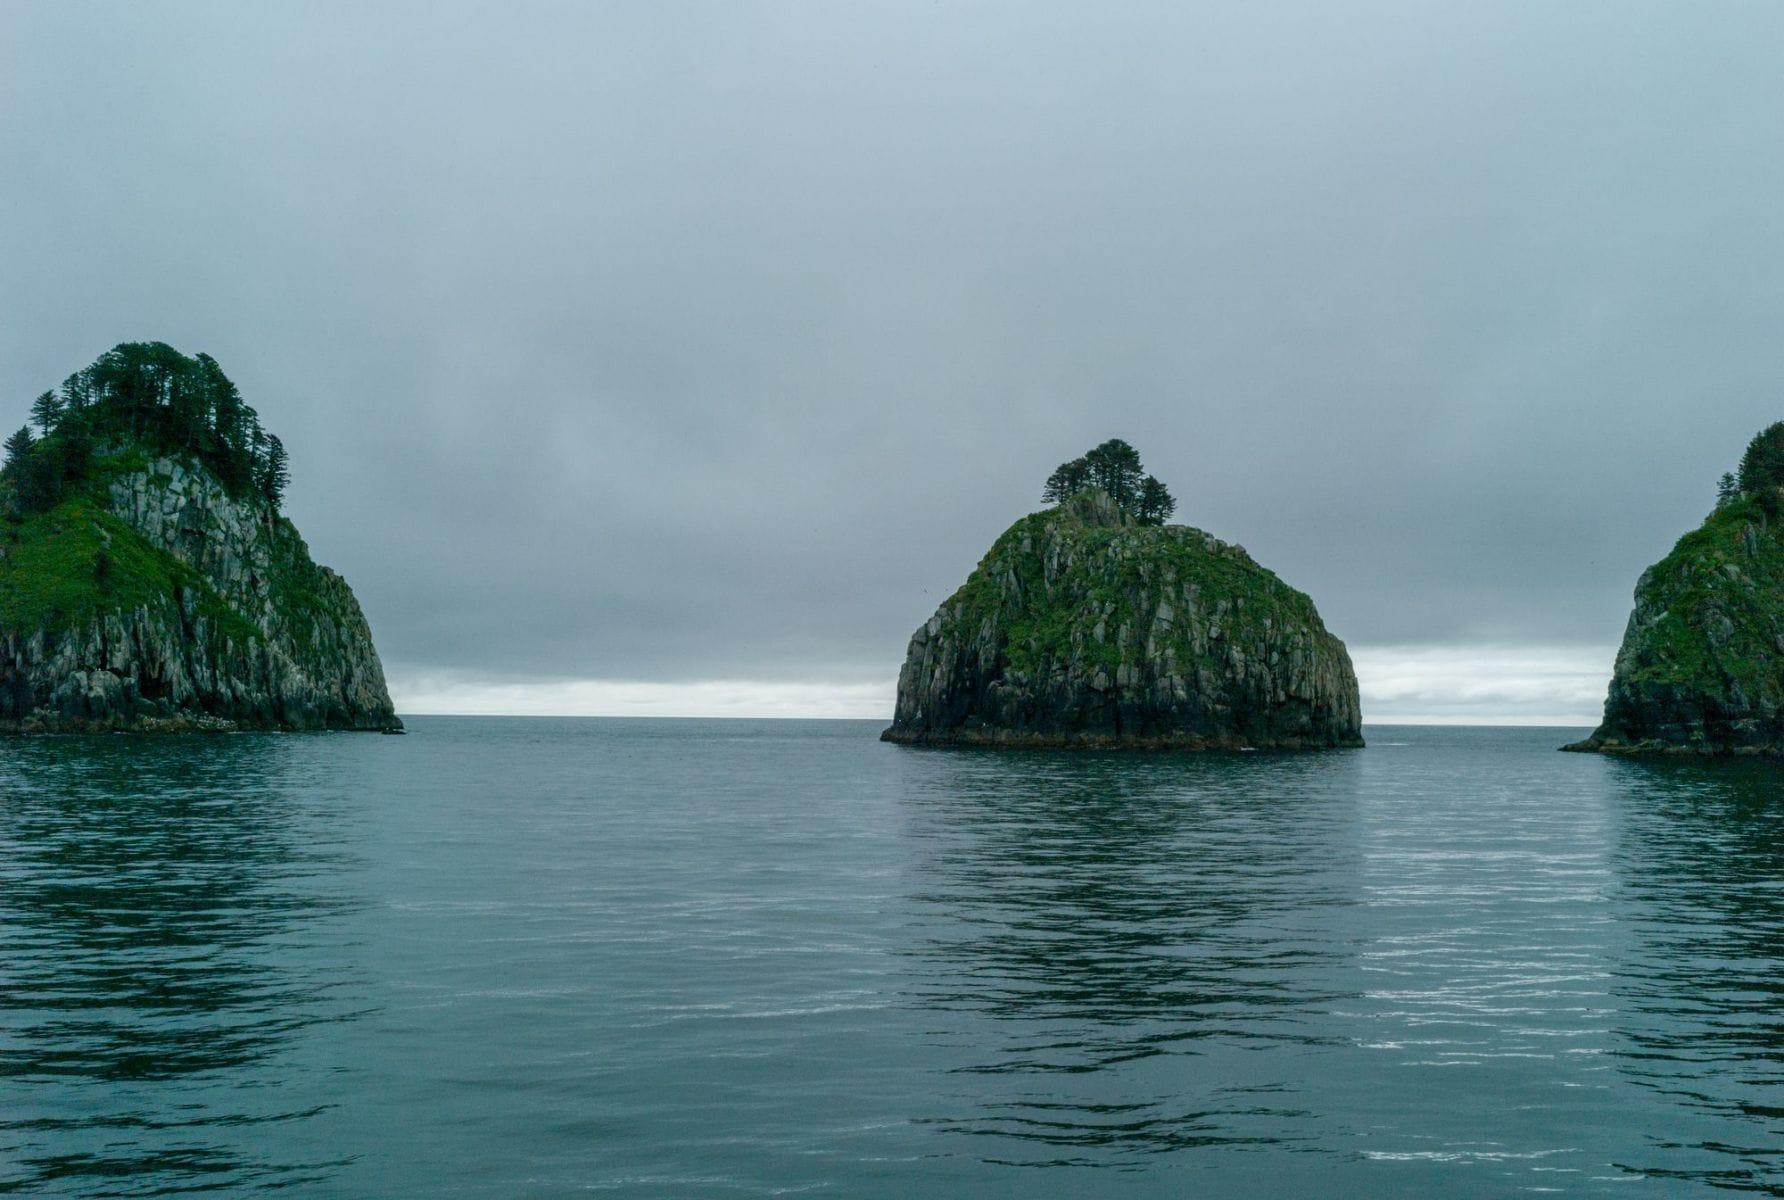 MichelAycaguer-Alaska bleu gris vert-2010-55